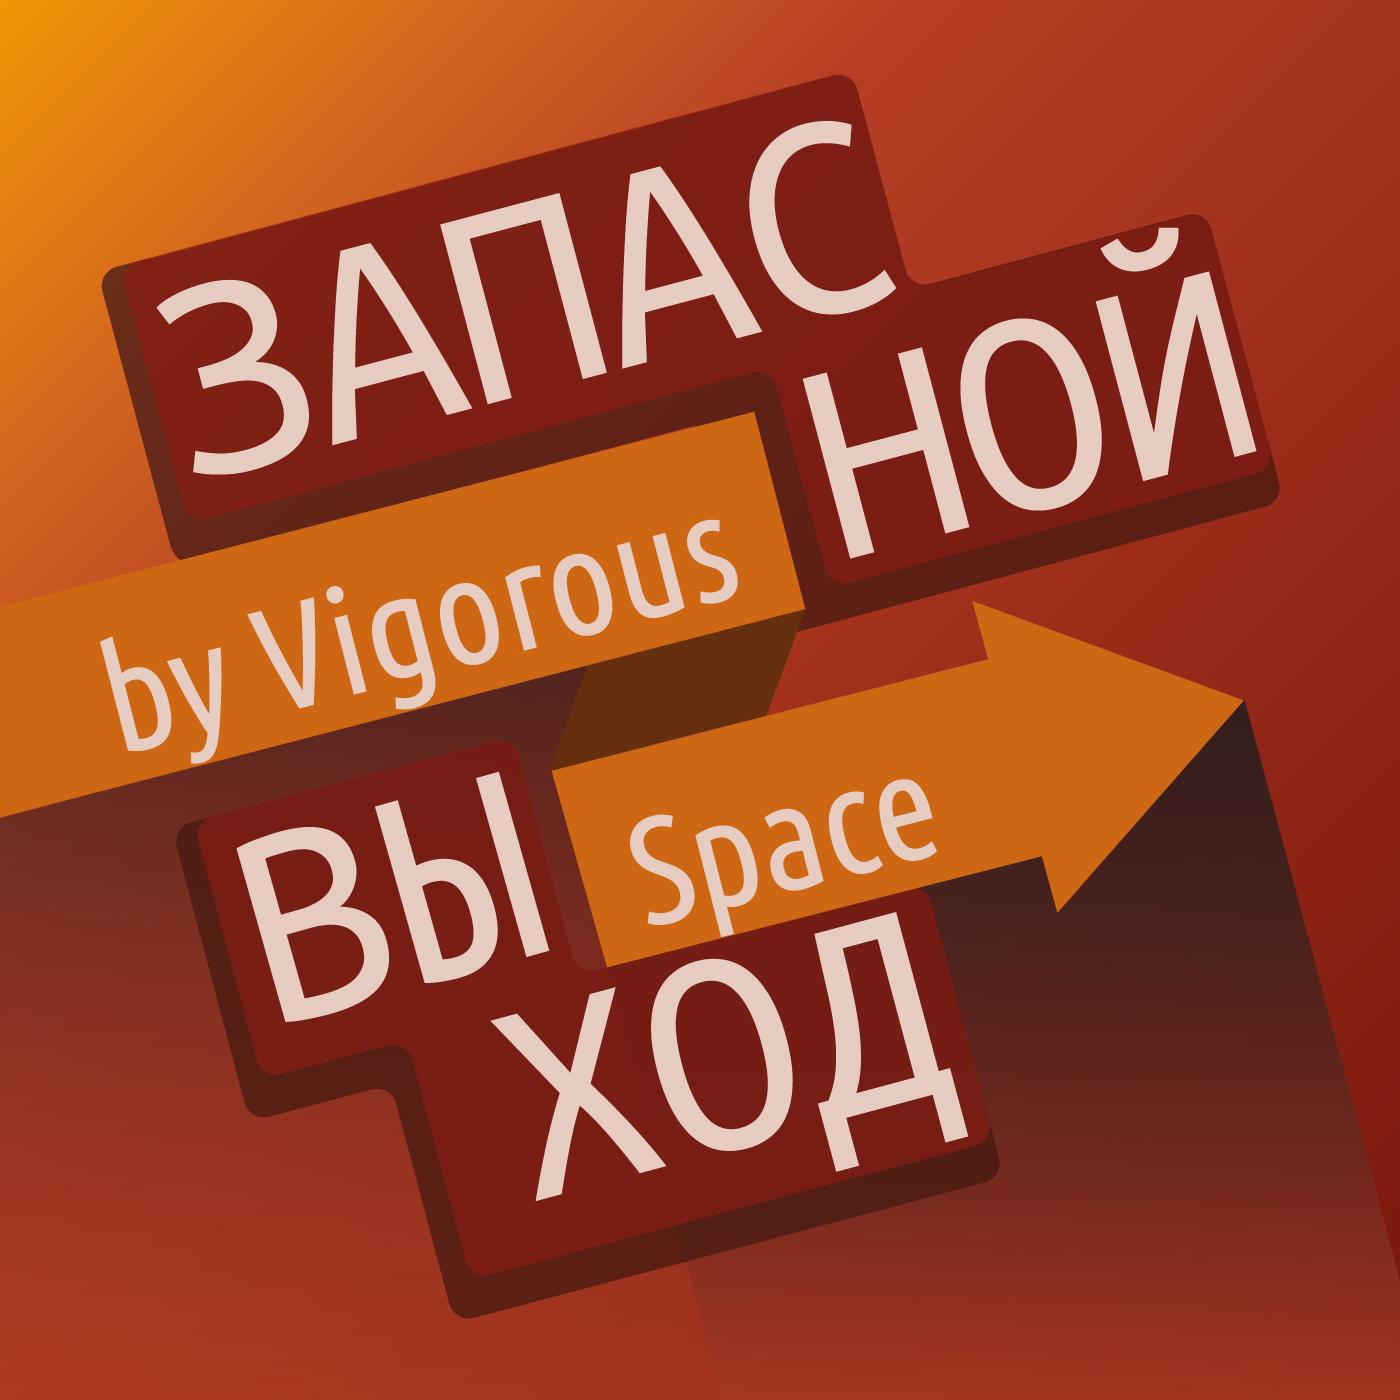 Запасной выход - Vigorous Space